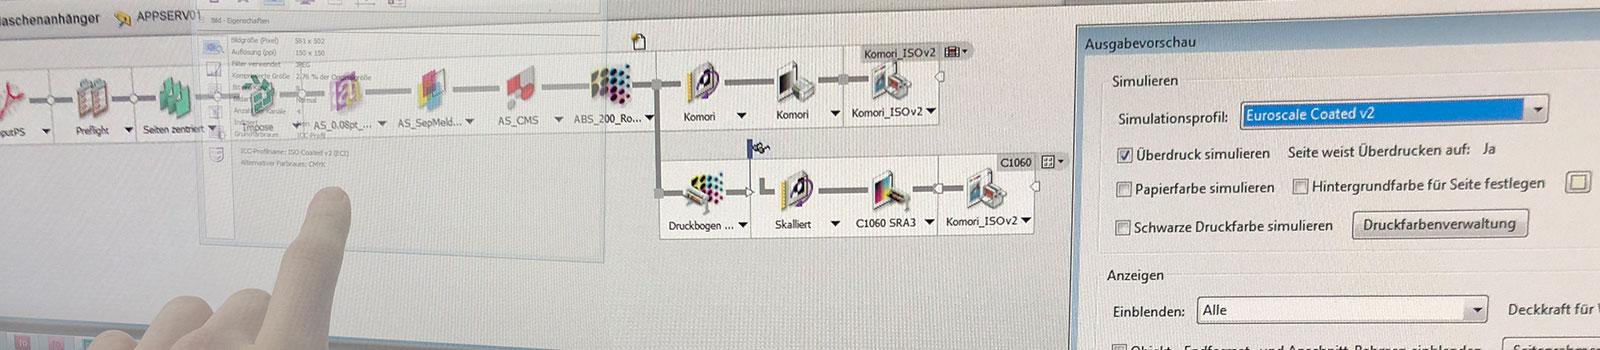 Professionelle Datenübernahme und Datenprüfung in der Druckvorstufe bei der Satzdruck GmbH aus Coesfeld